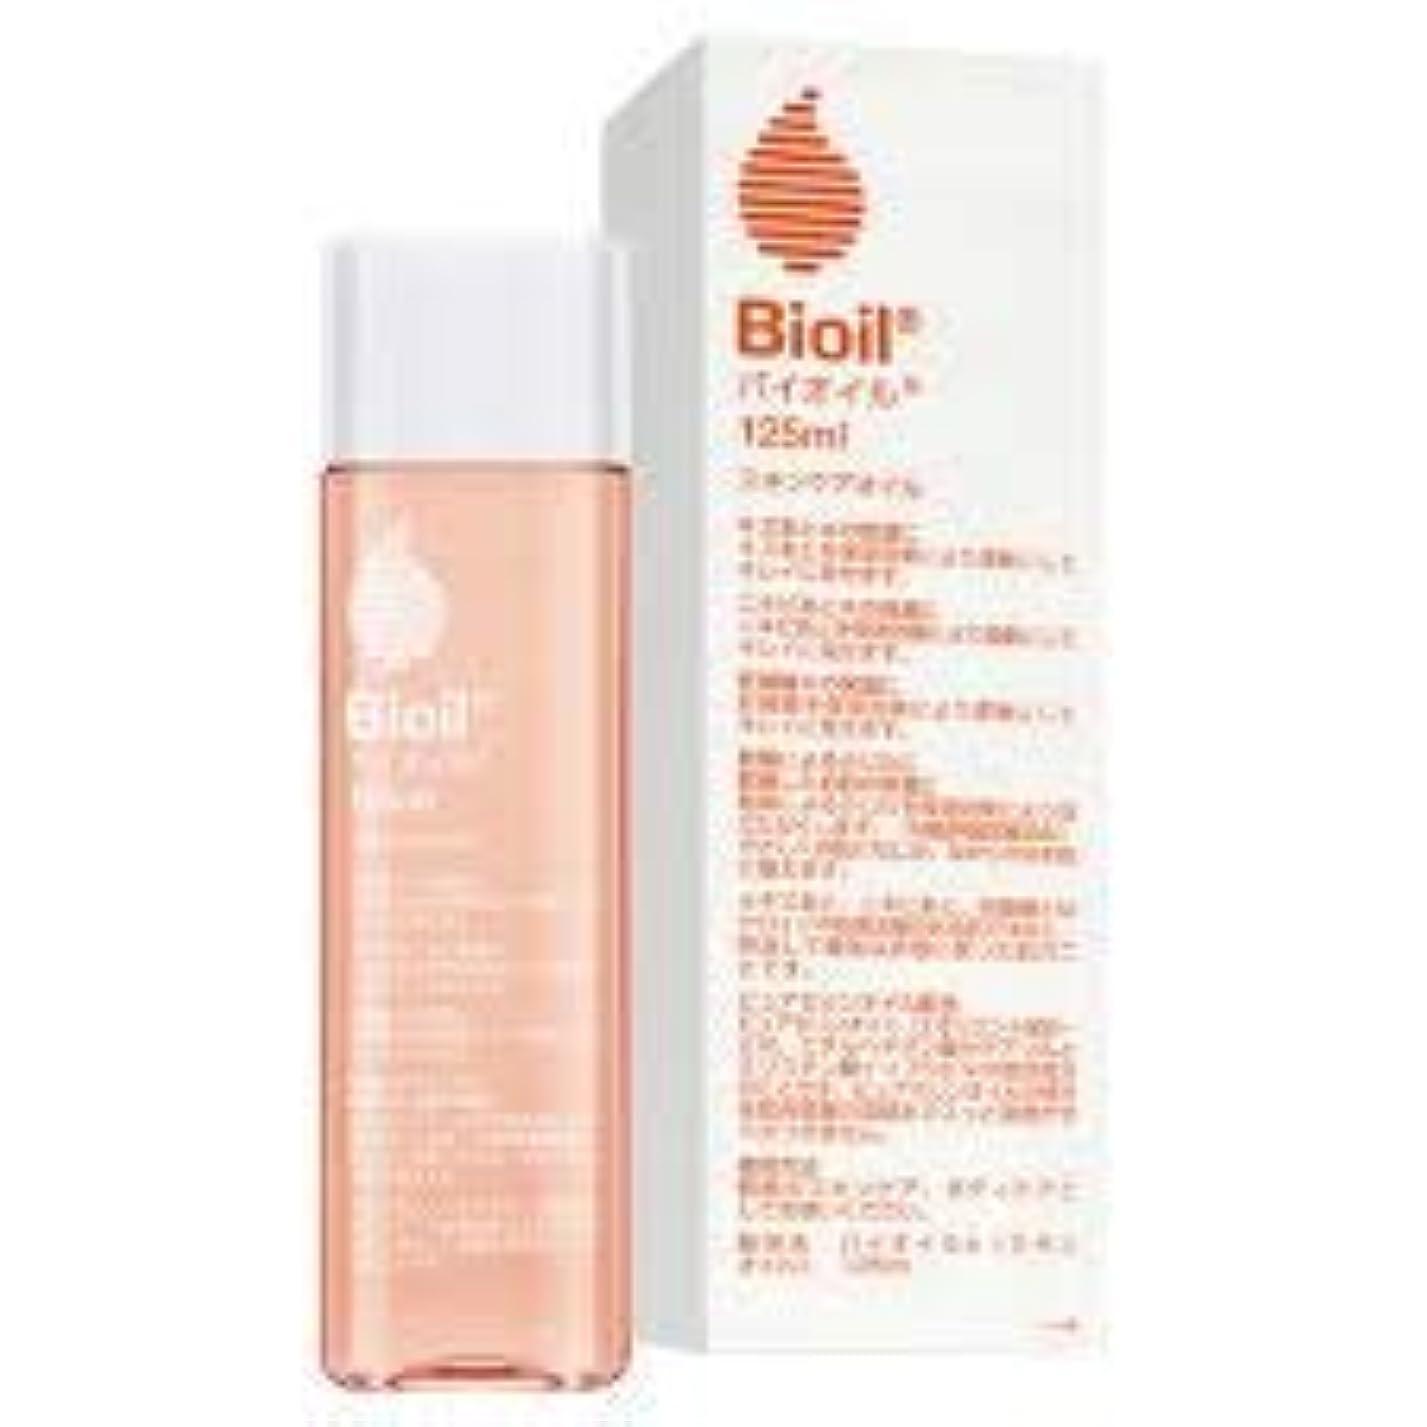 手足むしろ電気のバイオイル Bioil 125ml (小林製薬)